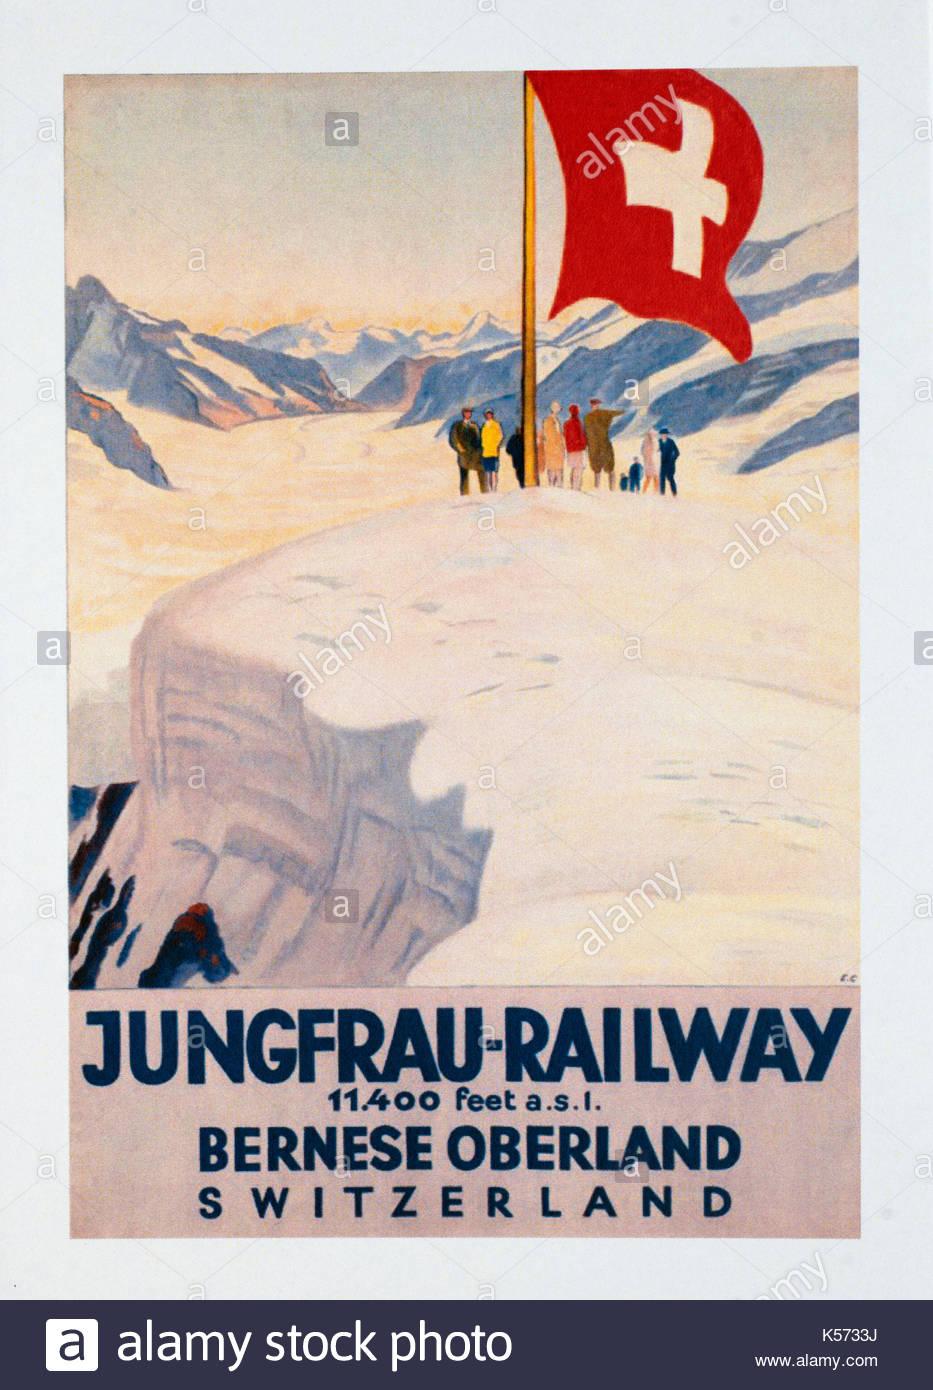 Vintage Travel Poster Werbung Jungfraubahnen Schweiz Stockfoto